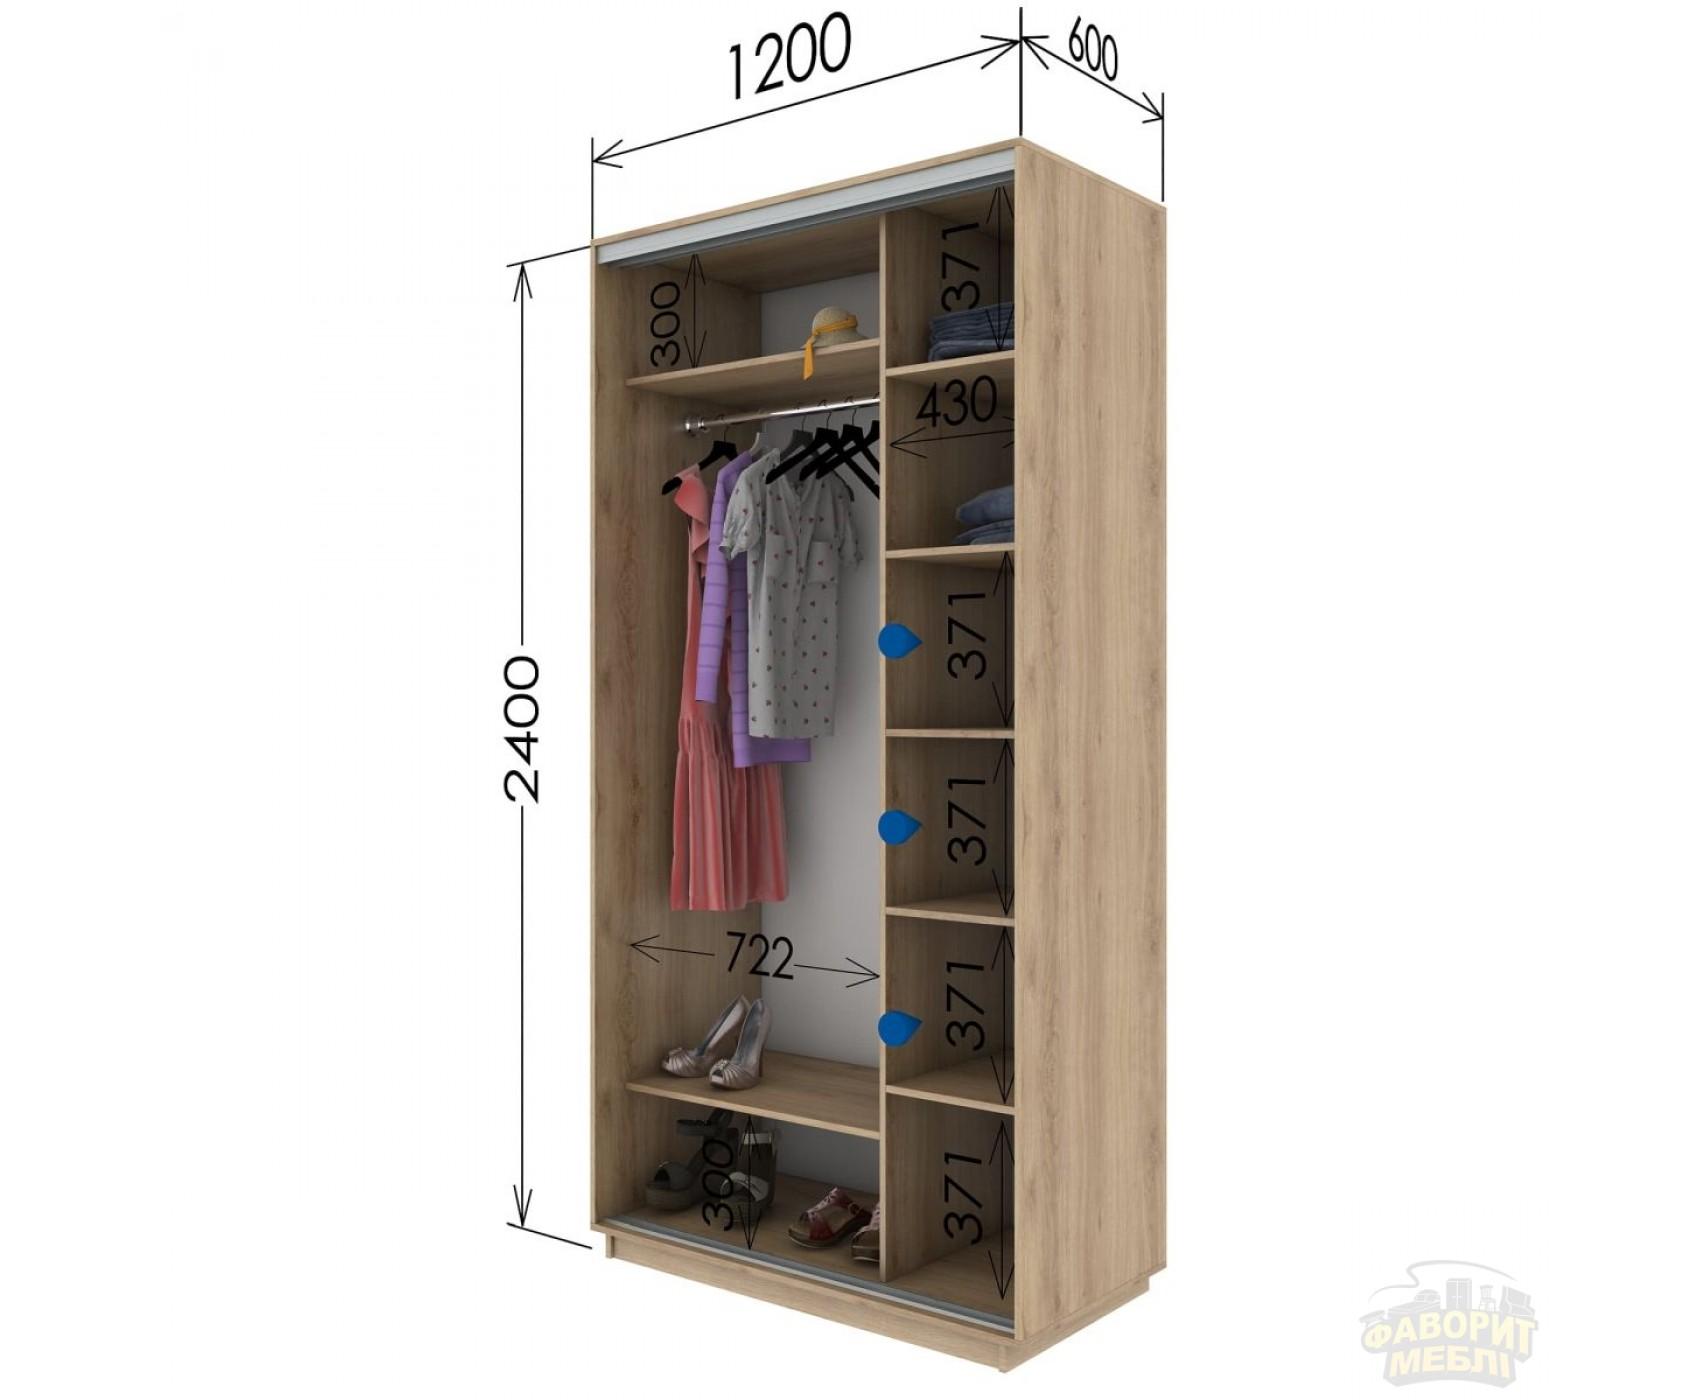 Шкаф купе 2 двери 120х60х240 см